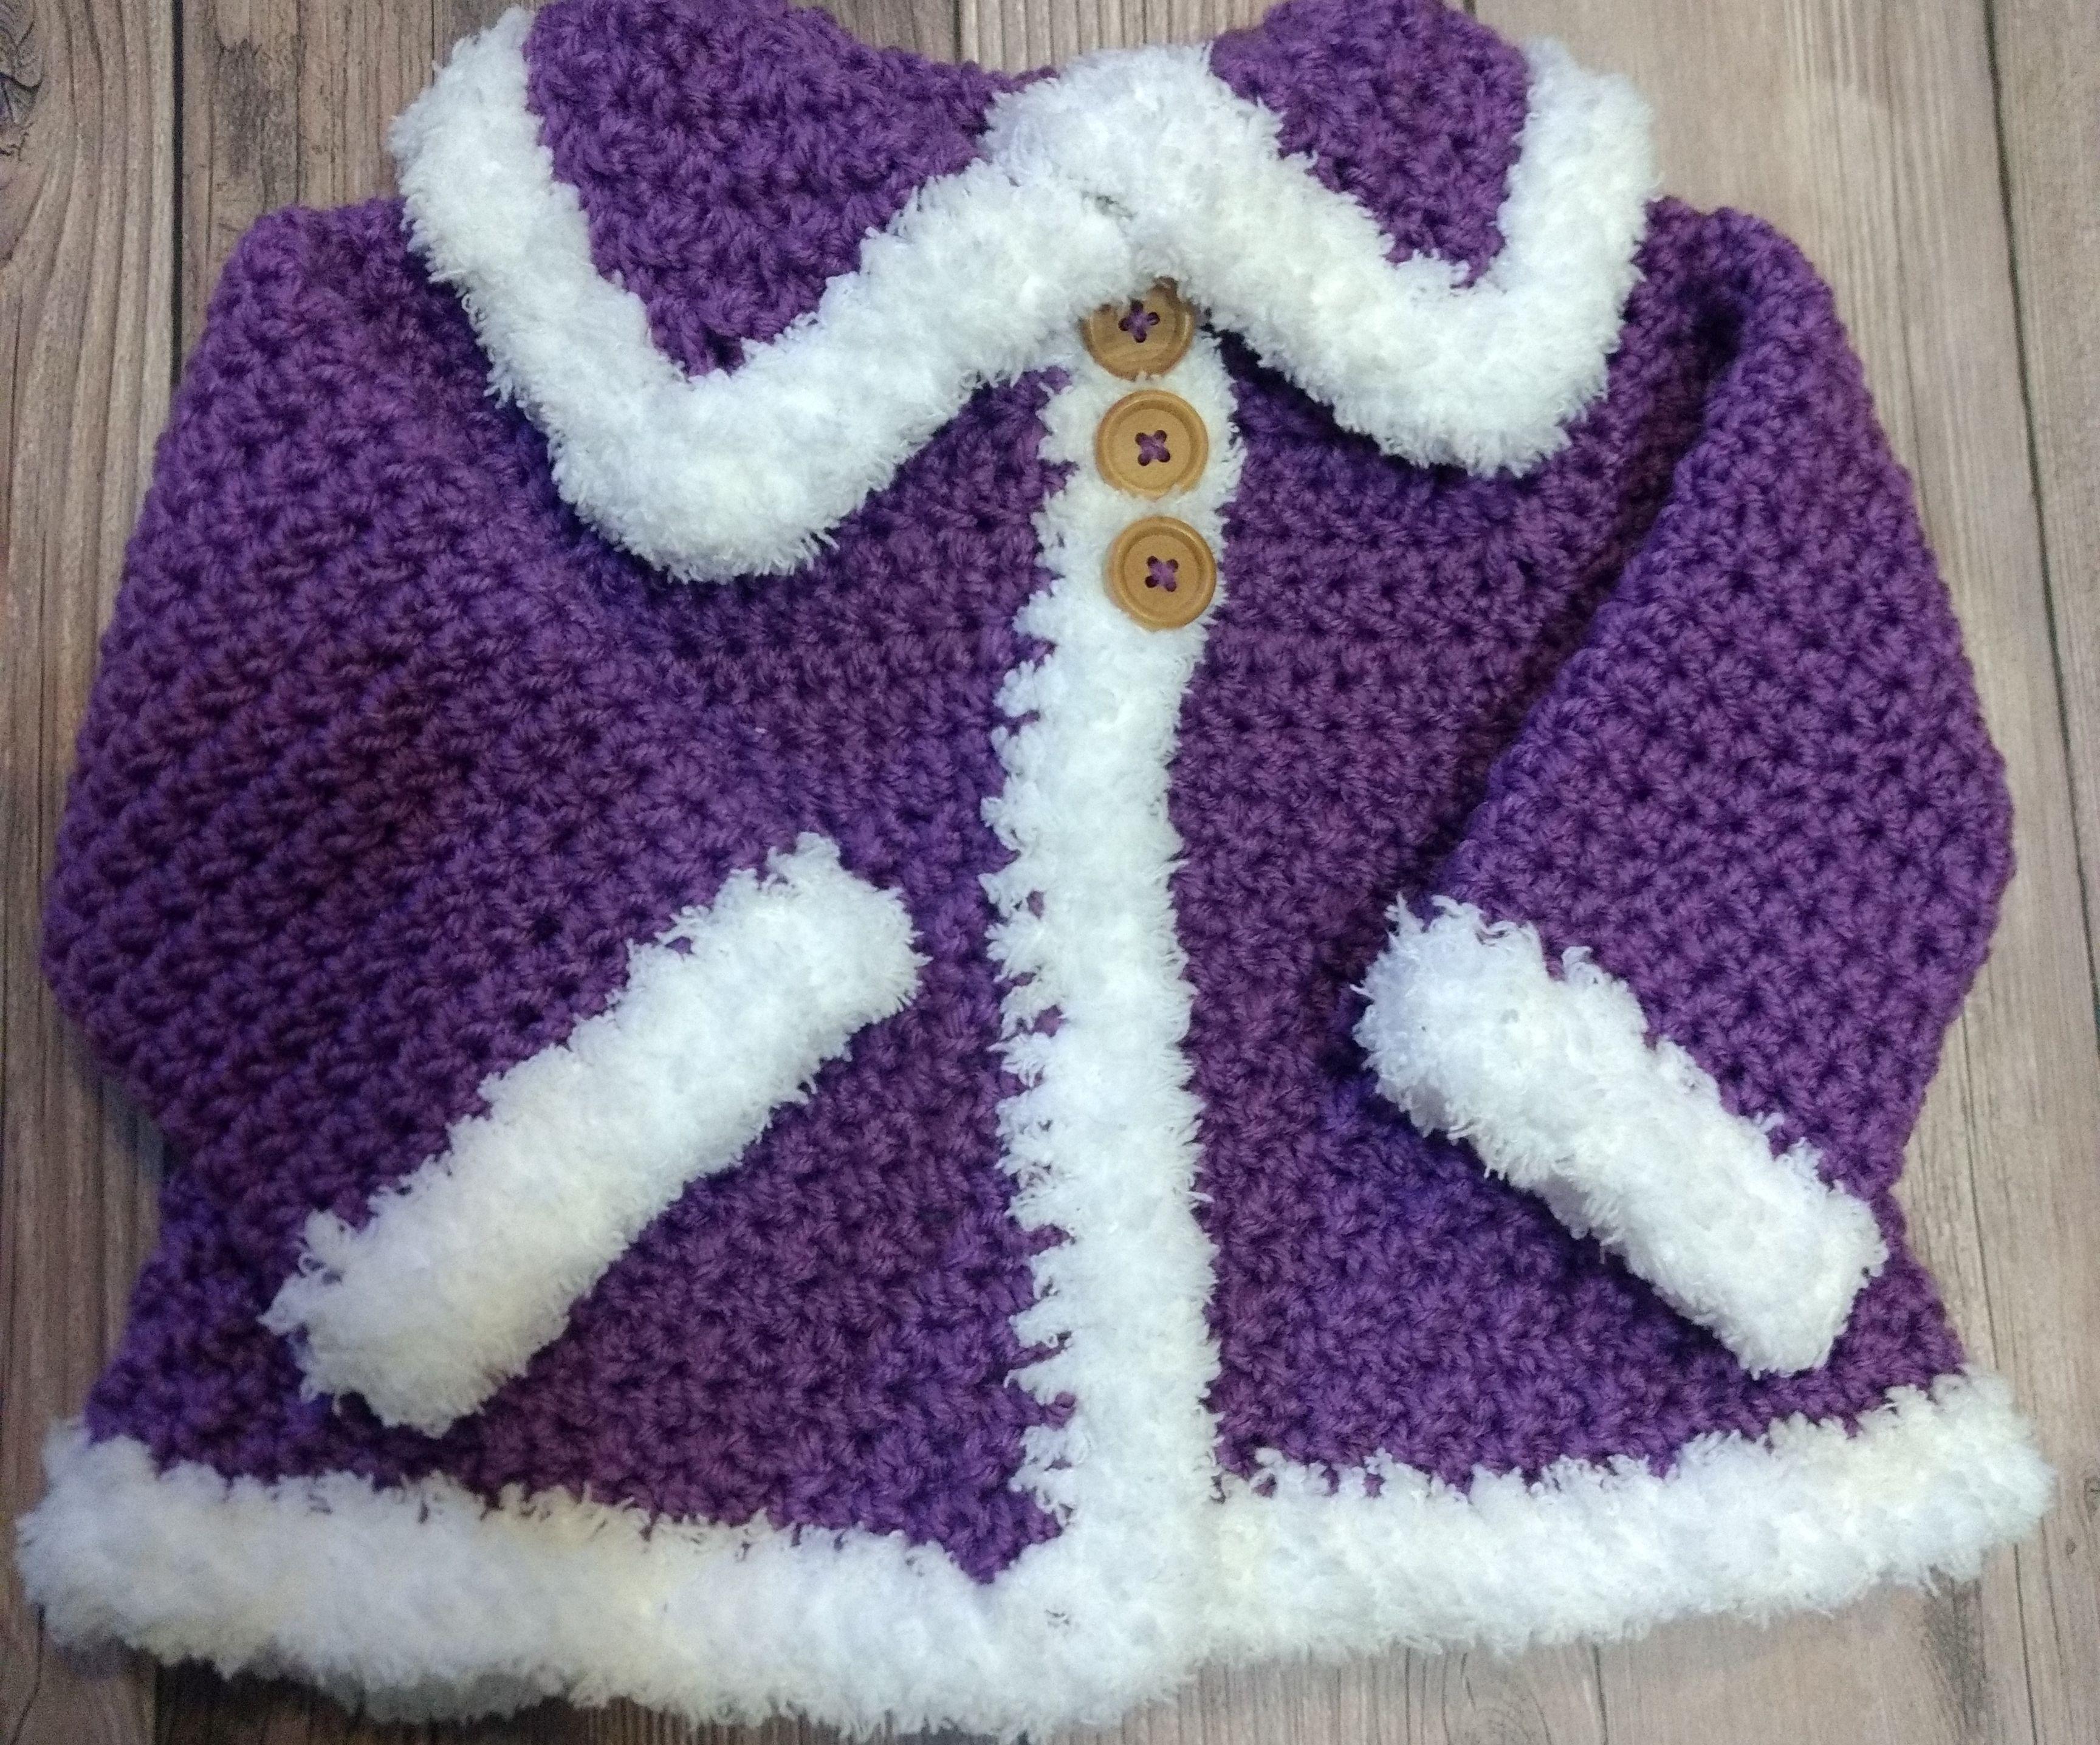 Crochet 6-9 Month Baby Sweater + Booties